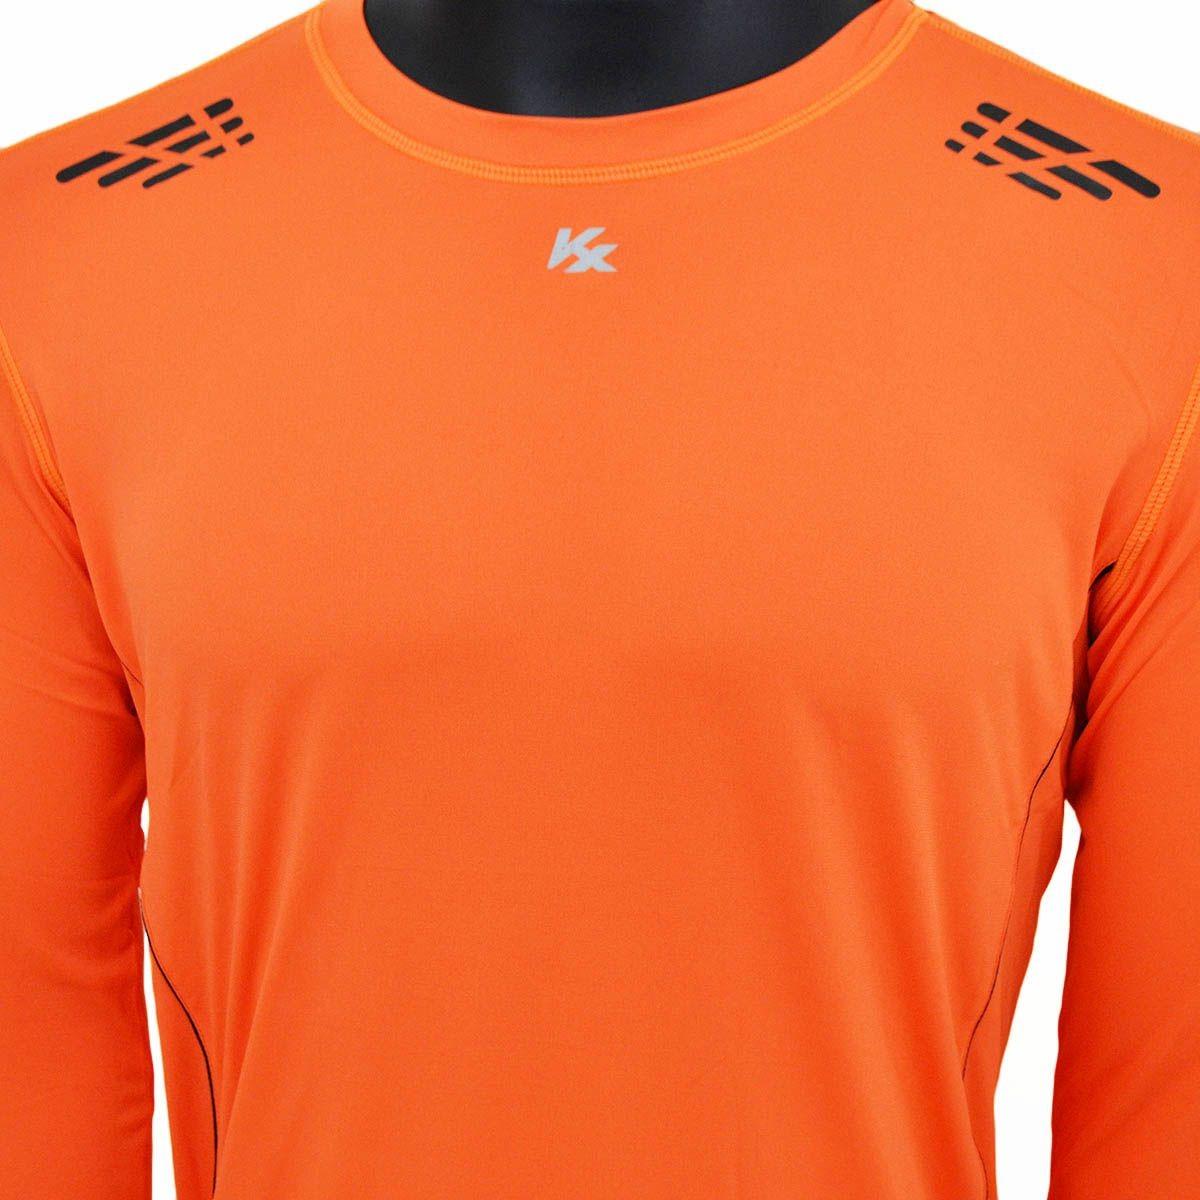 camiseta manga longa kanxa proteção uv50 bacteriostática+ nf. Carregando  zoom. 24deca3896f03